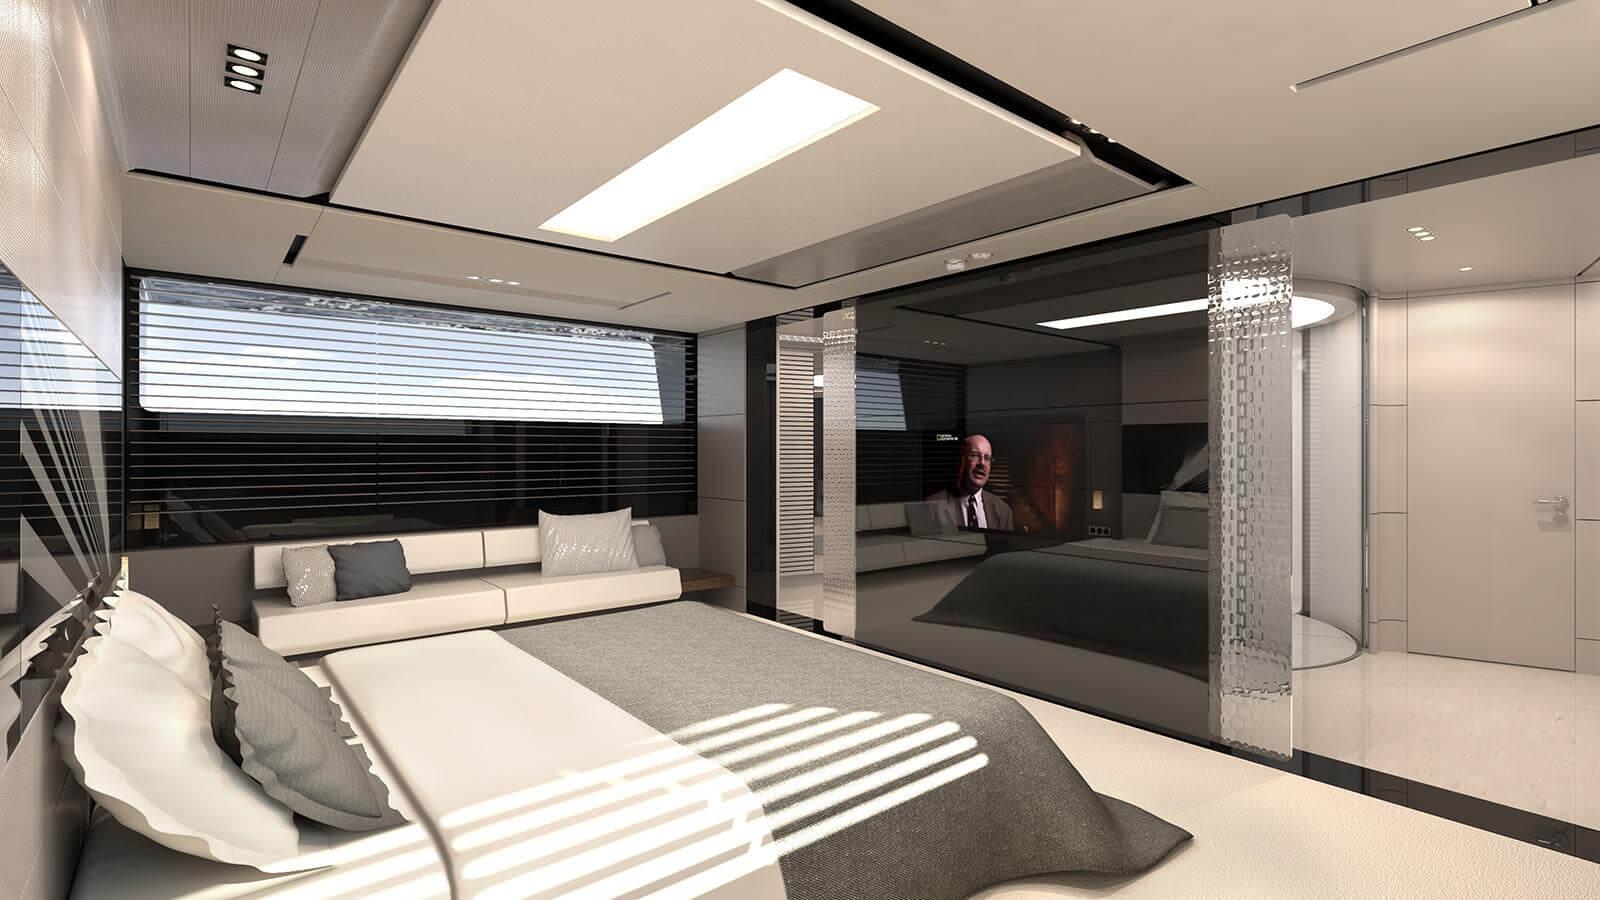 Aeon 380 Concept Yacht Cabin - Scaro Design